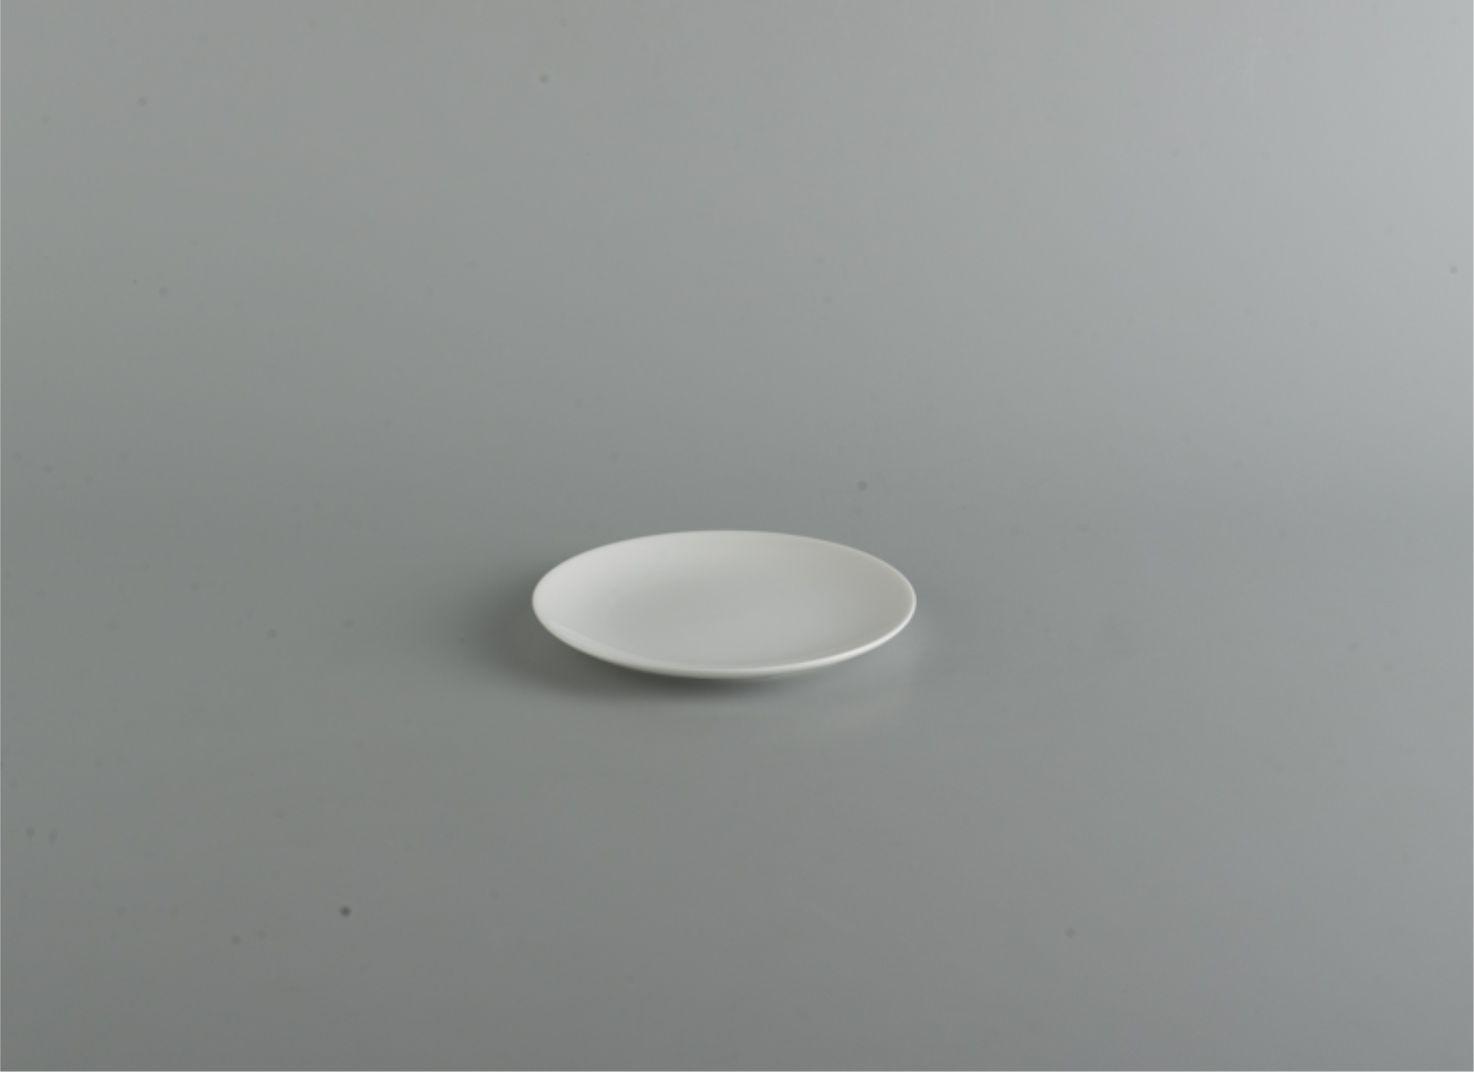 Dĩa lót súp 13cm Jas Lys Trắng Ngà 601301000